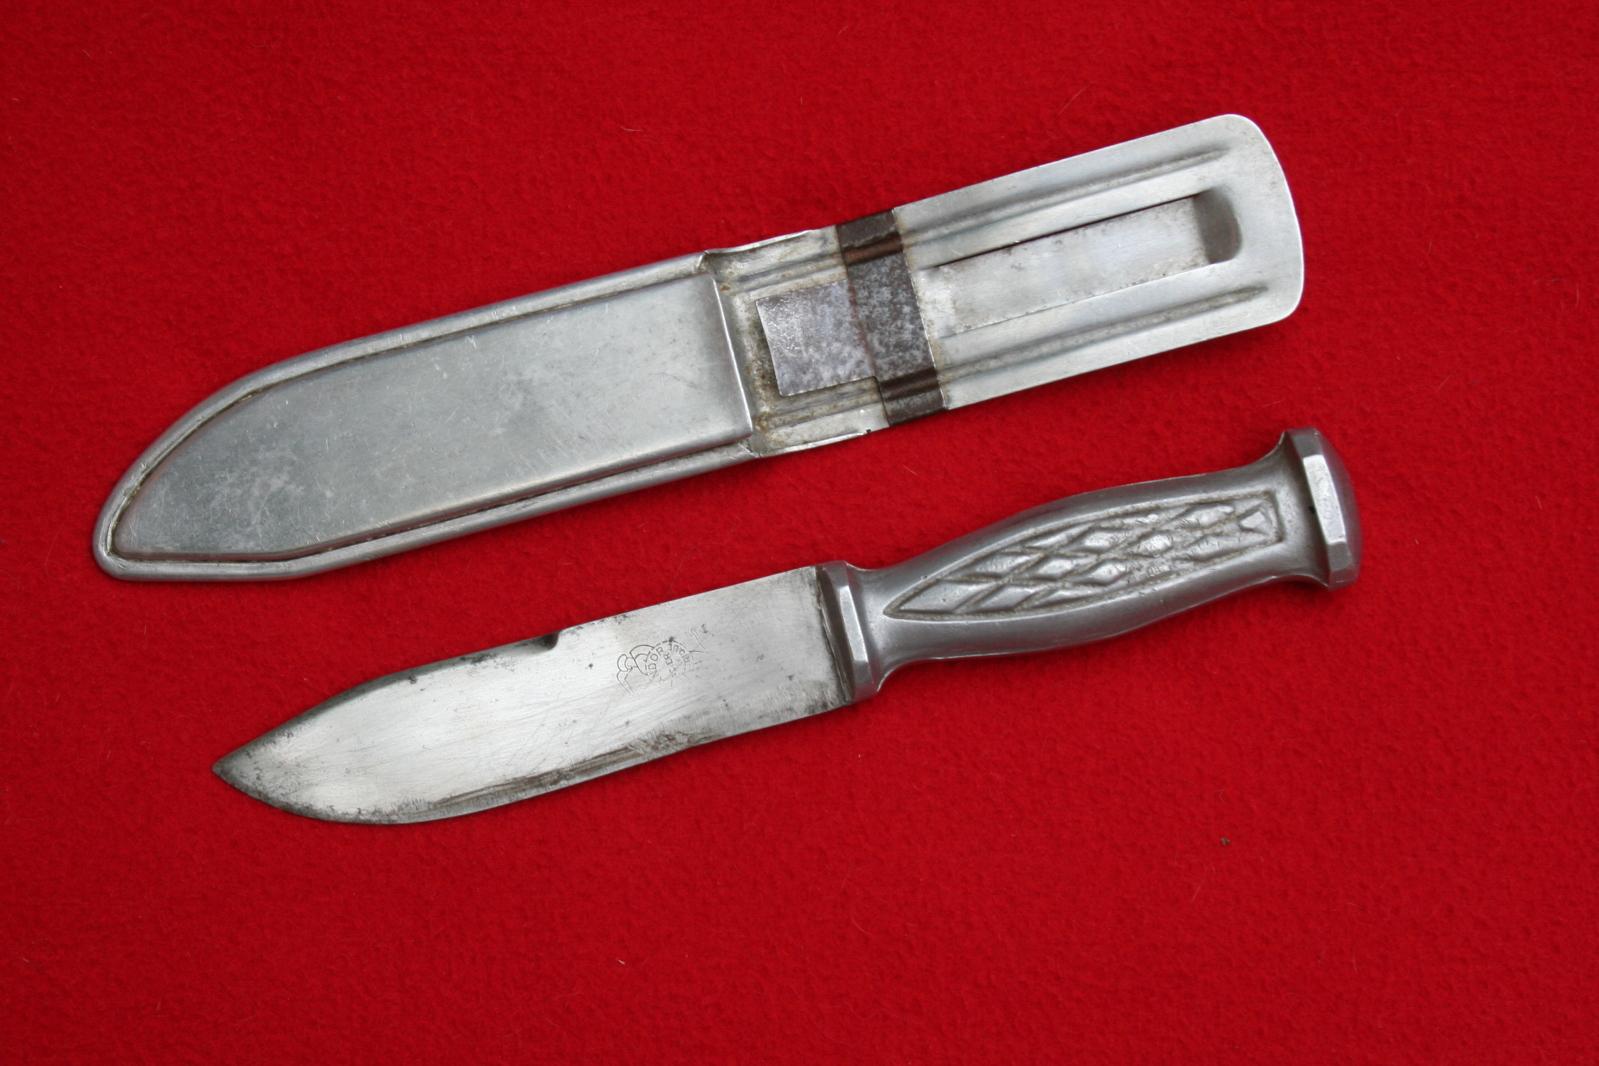 collection de lames de fabnatcyr (dague poignard couteau) - Page 5 Smrl2p